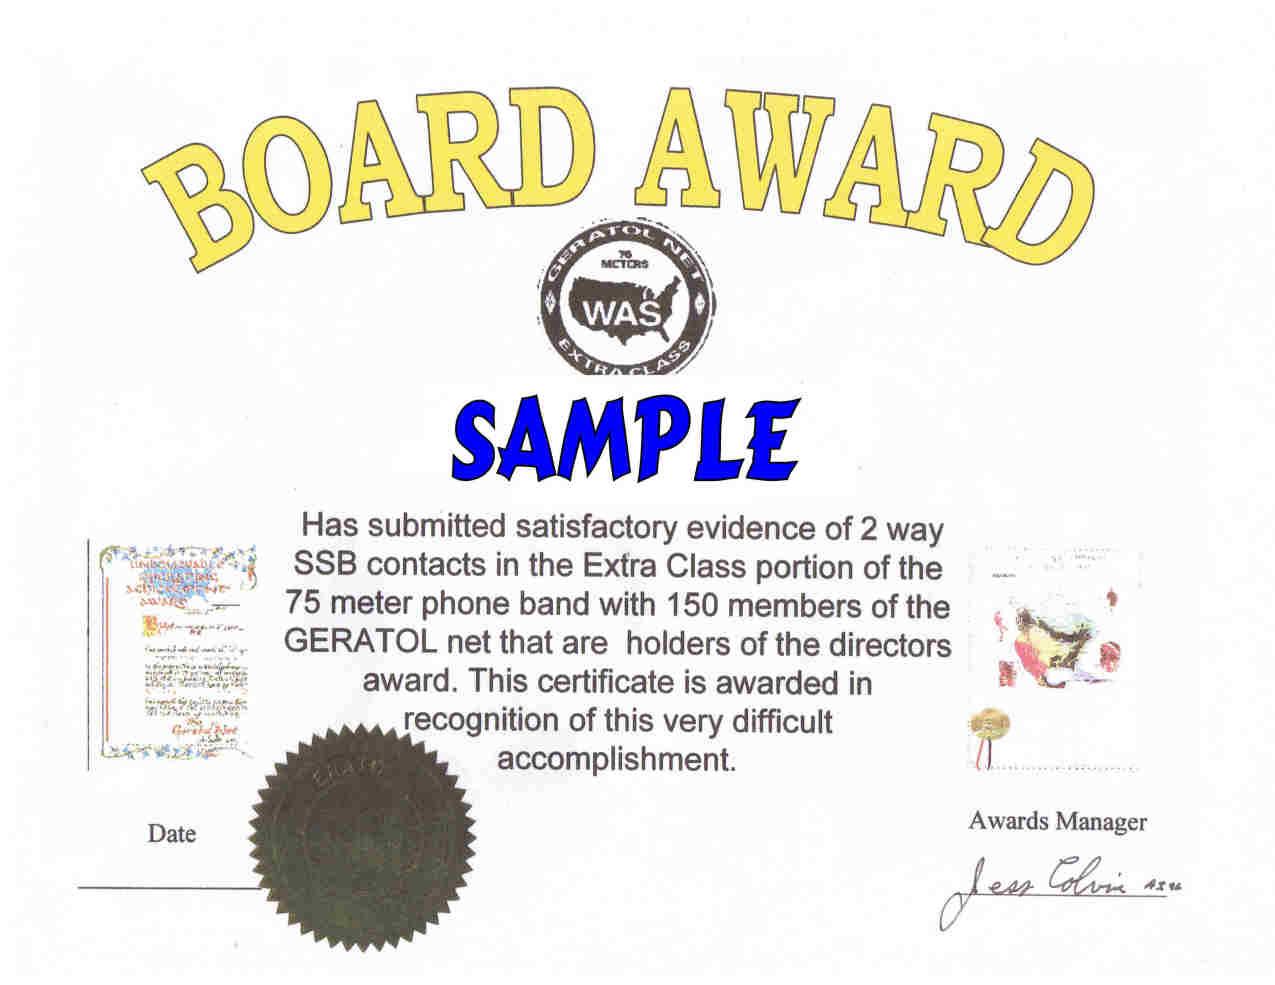 Board Award